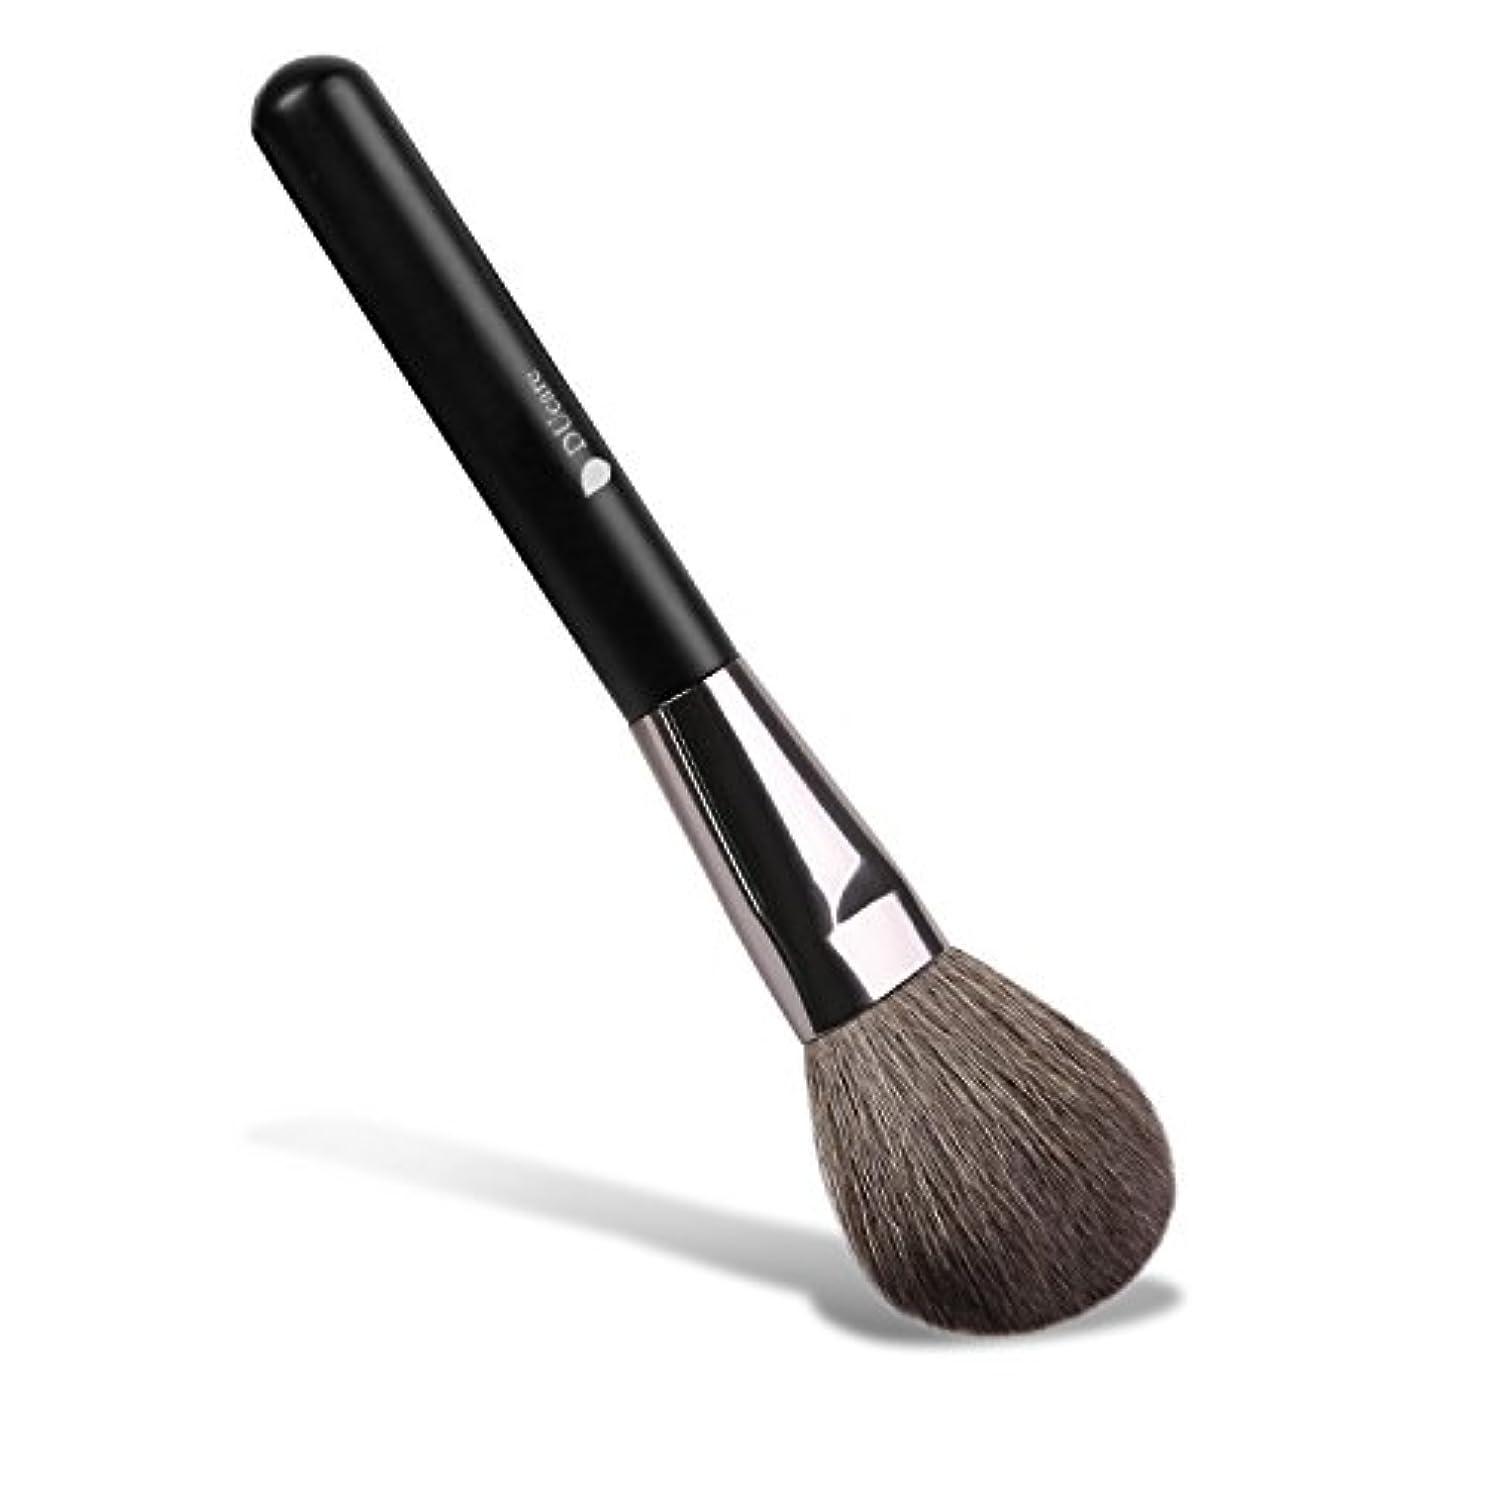 教しなやかな法的DUcare ドゥケア 化粧筆 山羊毛 フェイスブラシ パウダー&チークブラシ 天然毛をたっぷり使用